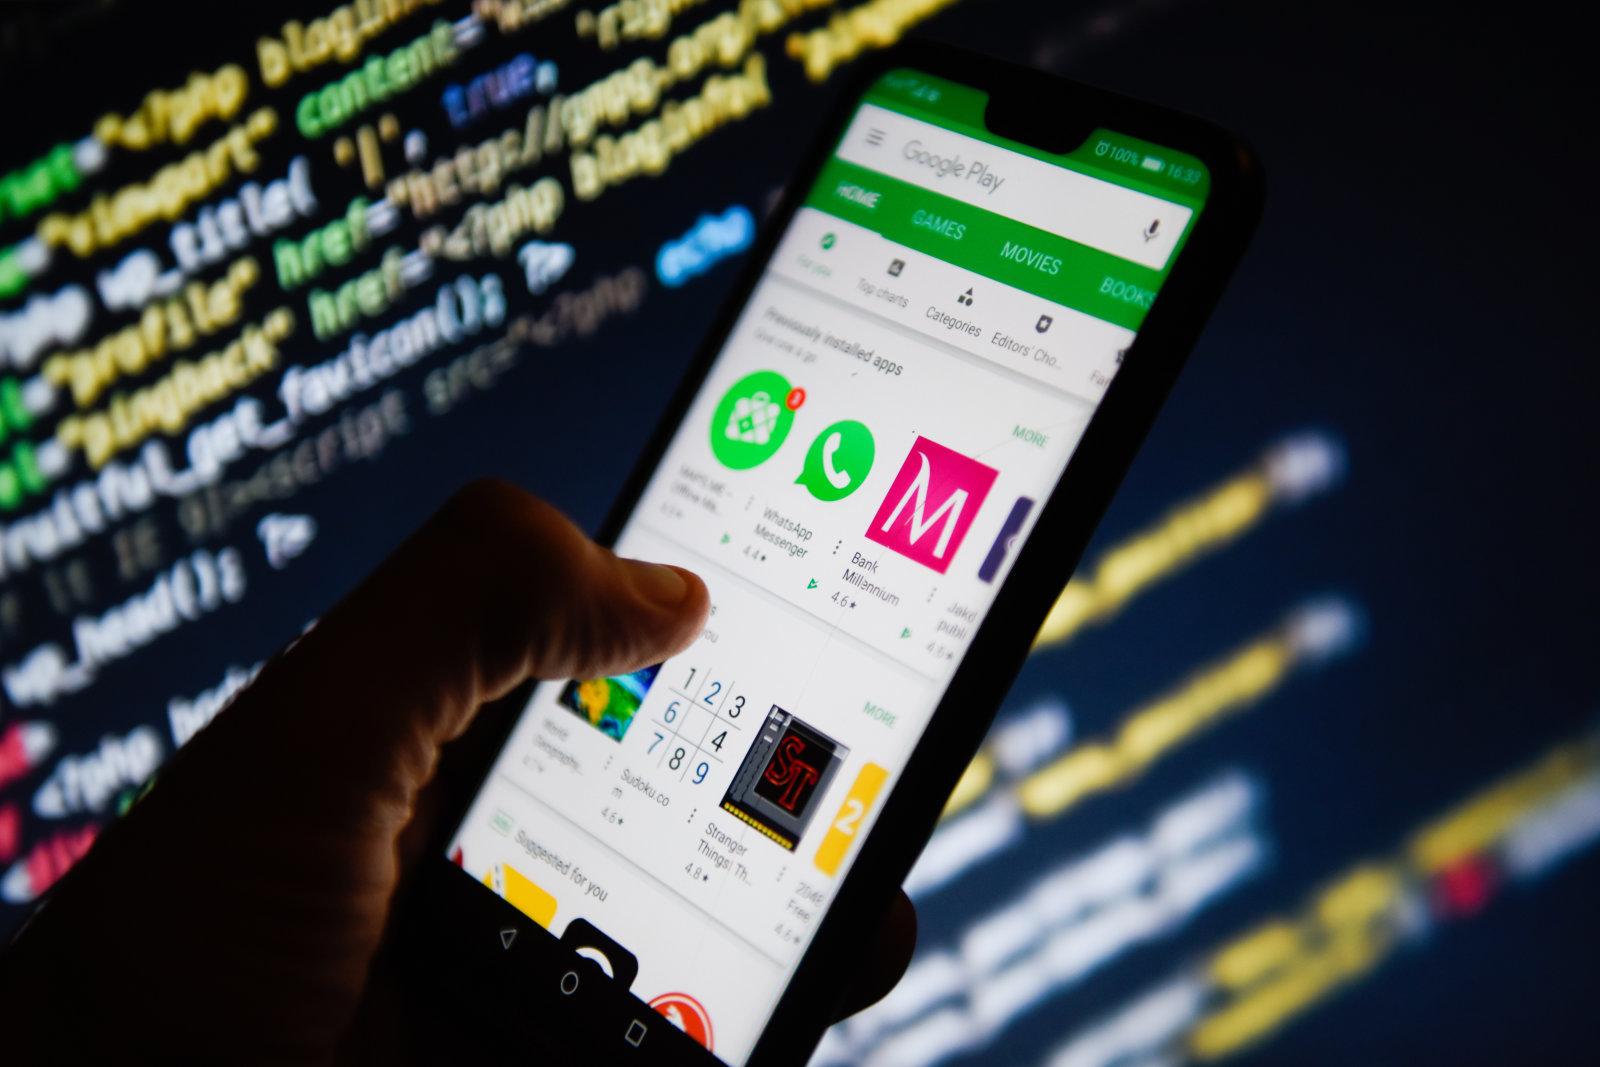 Aplikace s adwarem i nadále úřadují, Obchod Play se jich zbavuje